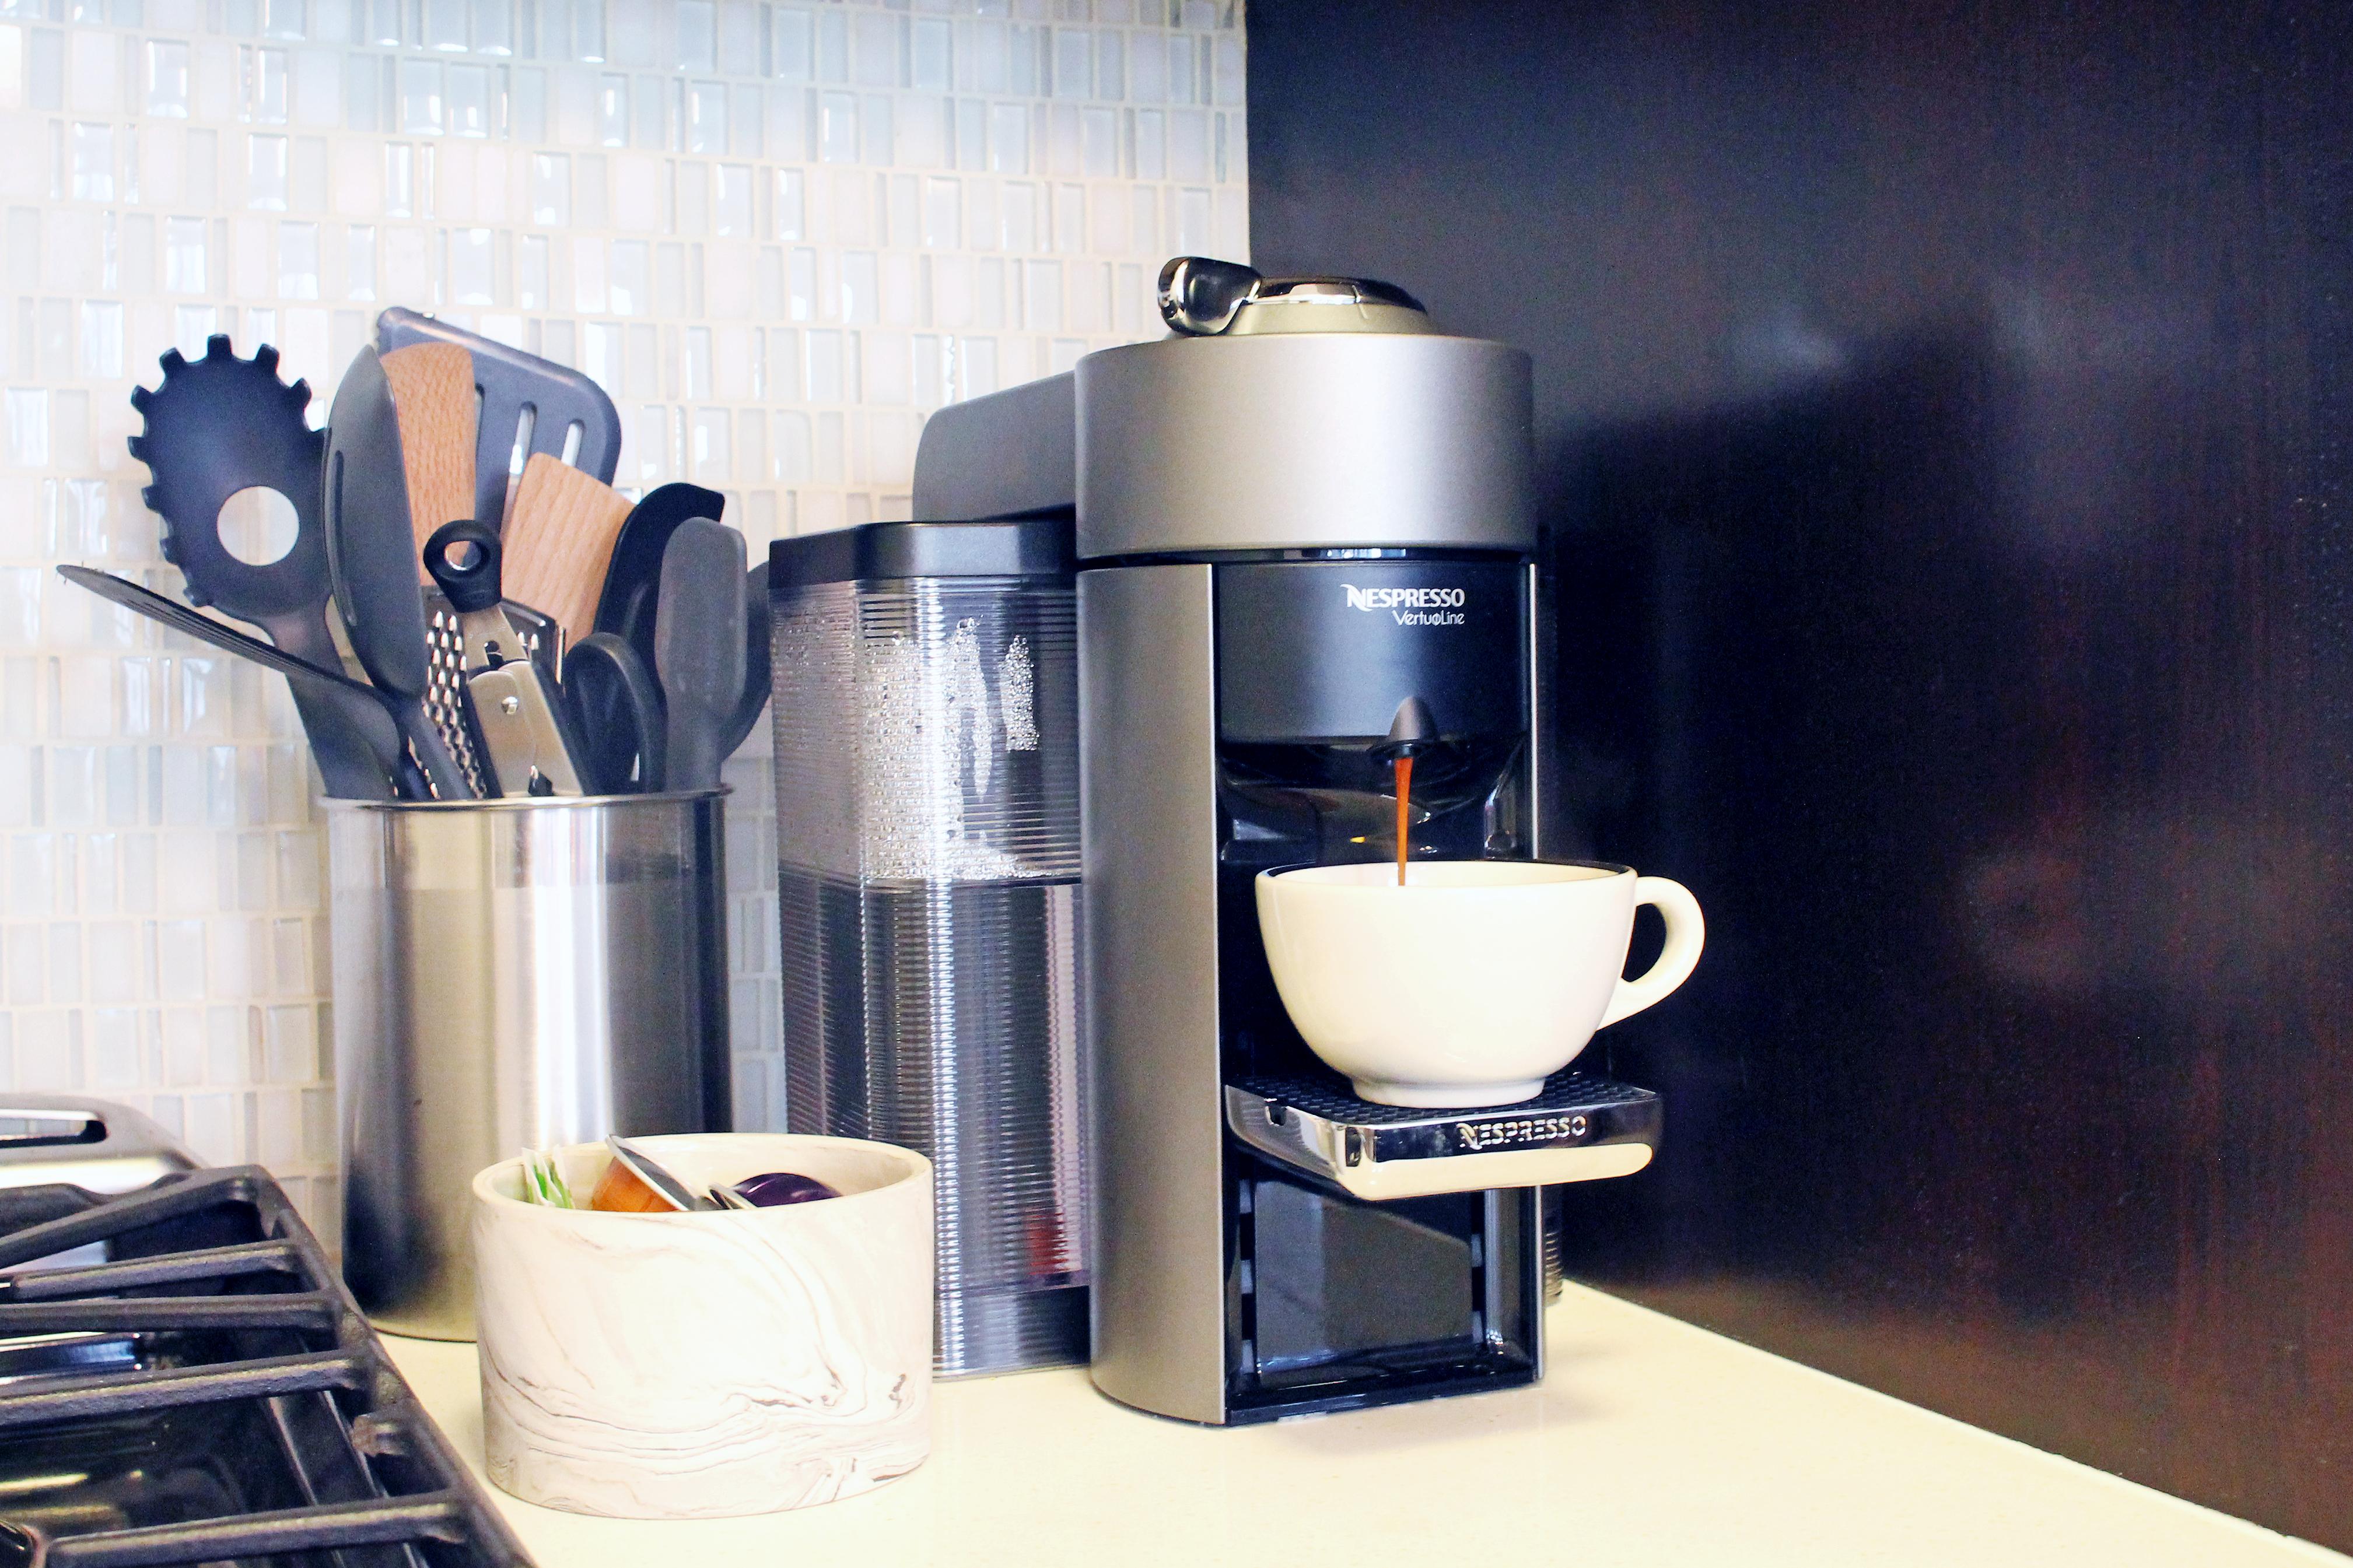 nespresso vertuoline evoluo - Nespresso Vertuoline